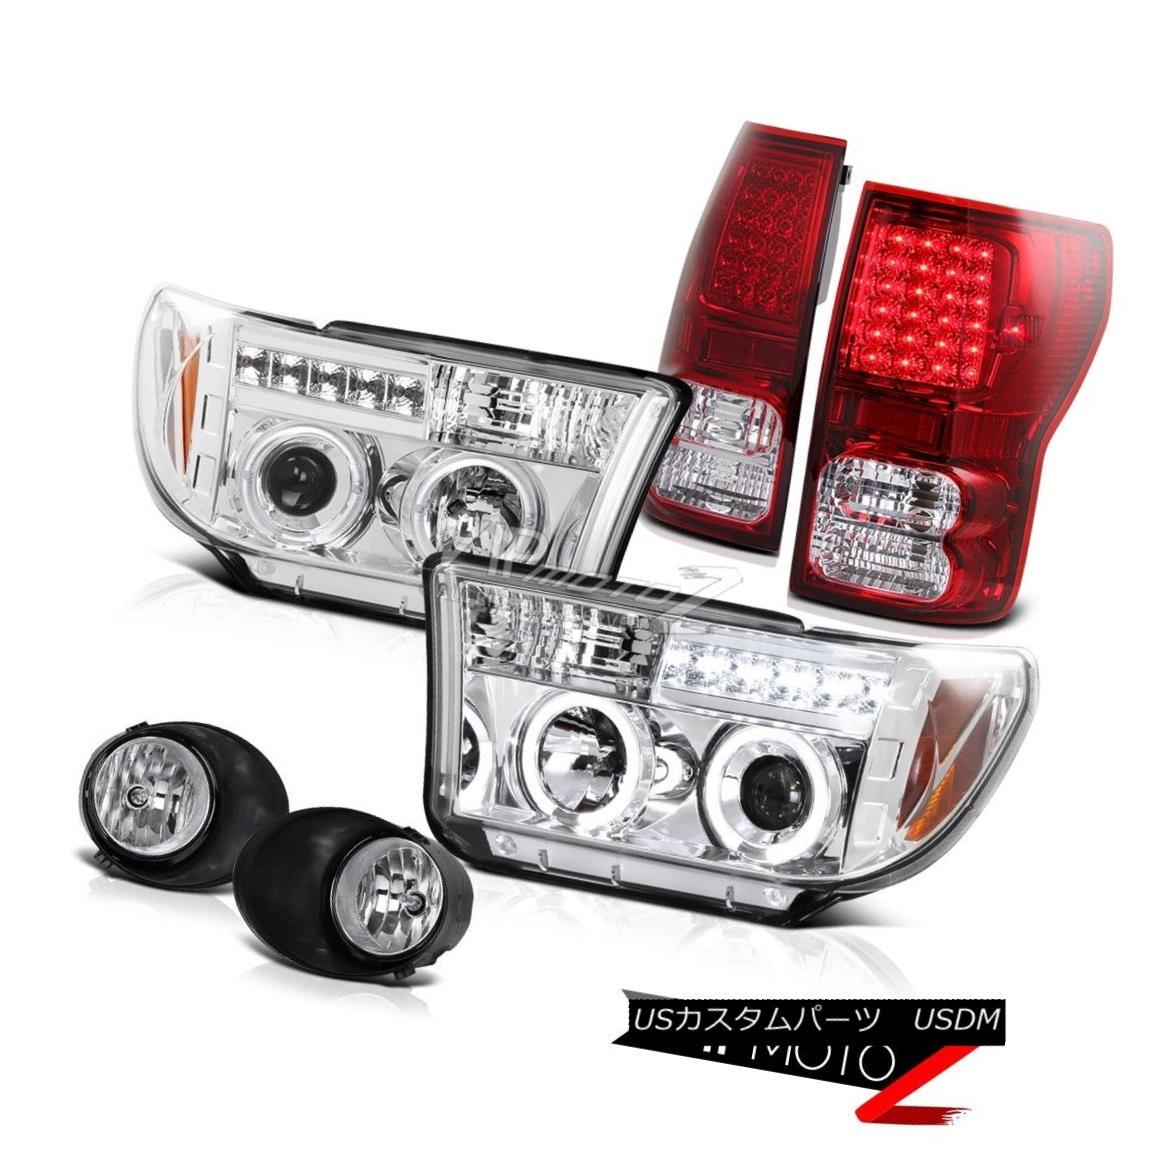 ヘッドライト 2007-2013 Tundra Chrome Projector angel eye Headlamp+Led Tail Light+Fog Lamp 2007-2013 Tundra Chromeプロジェクター天使の目ヘッドランプ+ Ledテールライト+フォグランプ